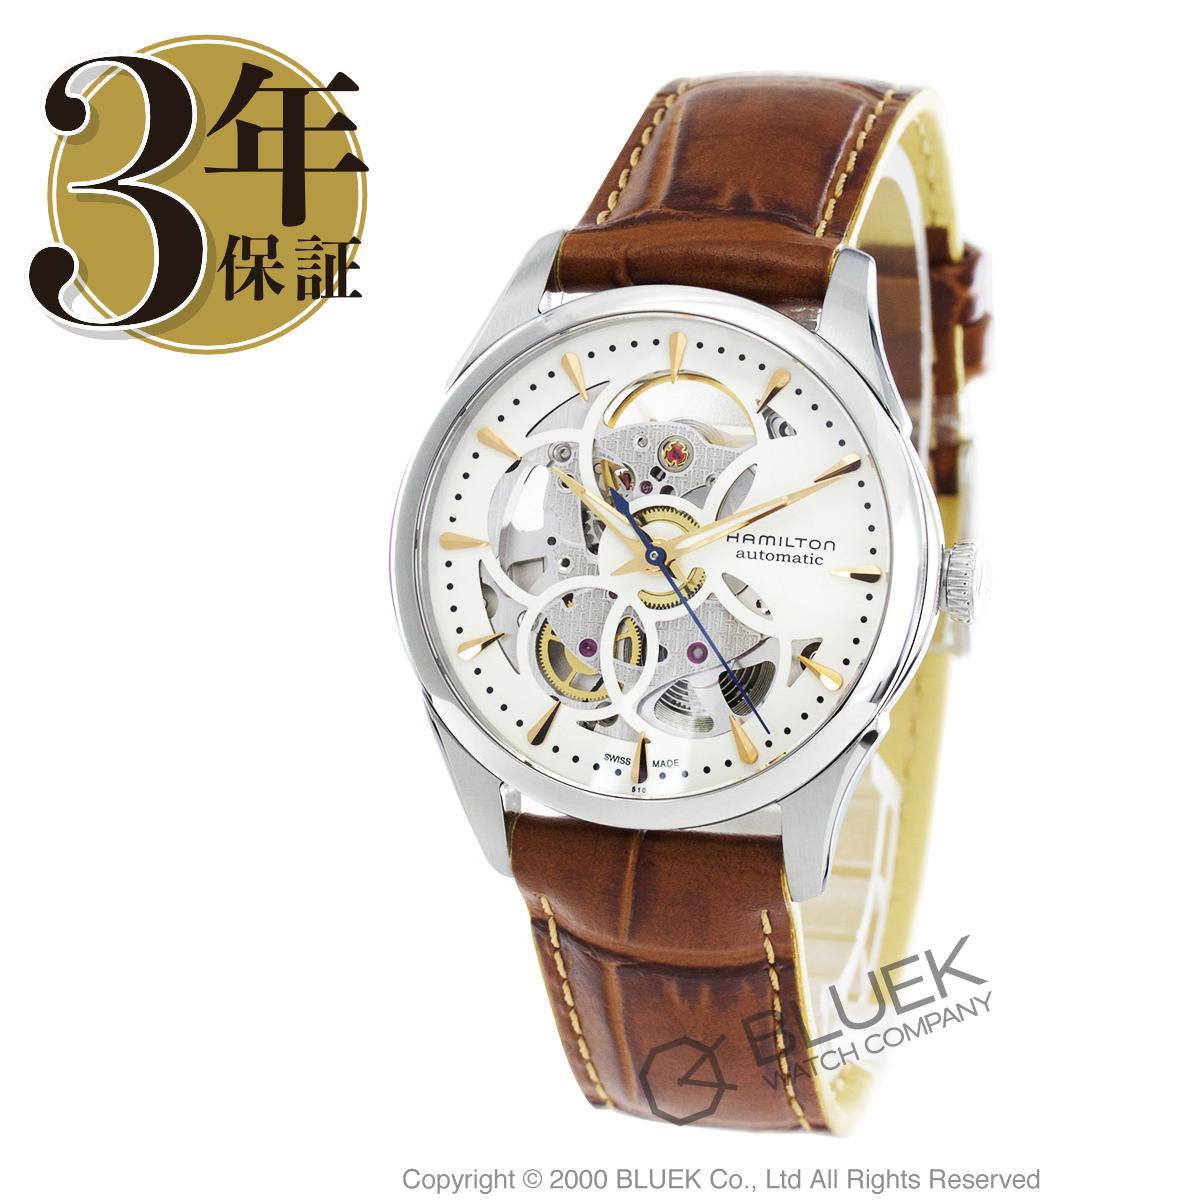 ハミルトン ジャズマスター ビューマチック スケルトン 腕時計 レディース HAMILTON H32405551_8 バーゲン ギフト プレゼント